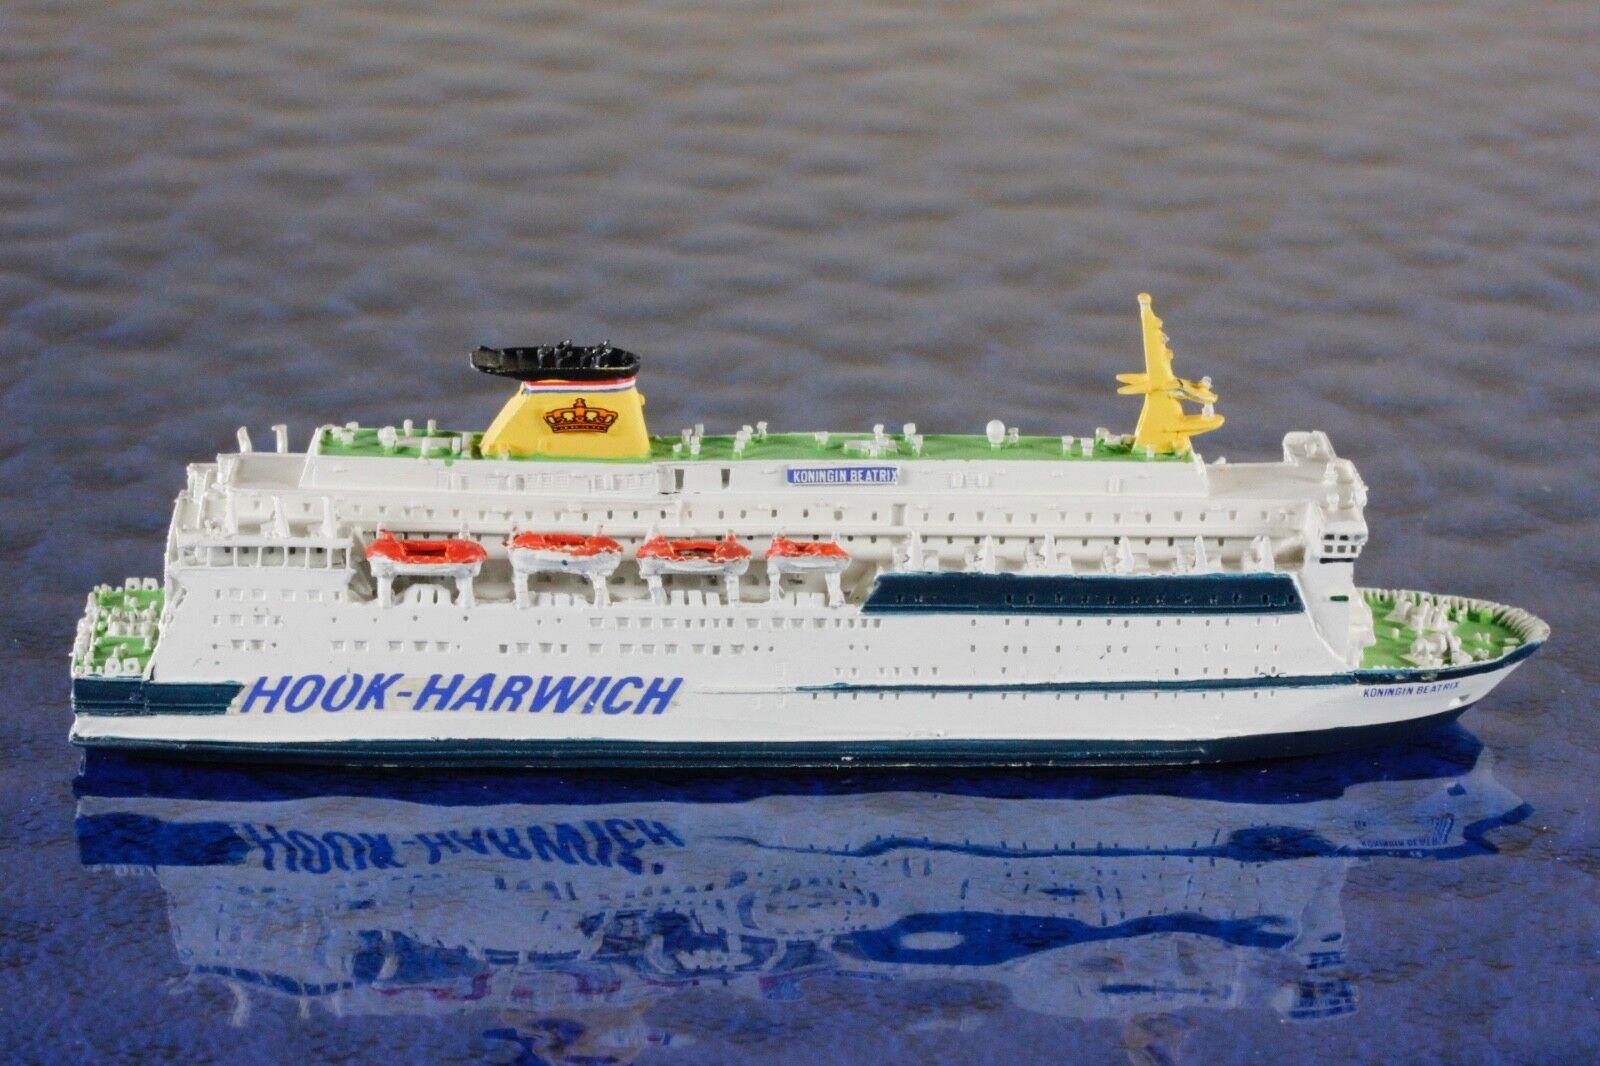 Koningin Beatrix Fabricant Noordzee 59, 1 1250 vaisseau Modèle